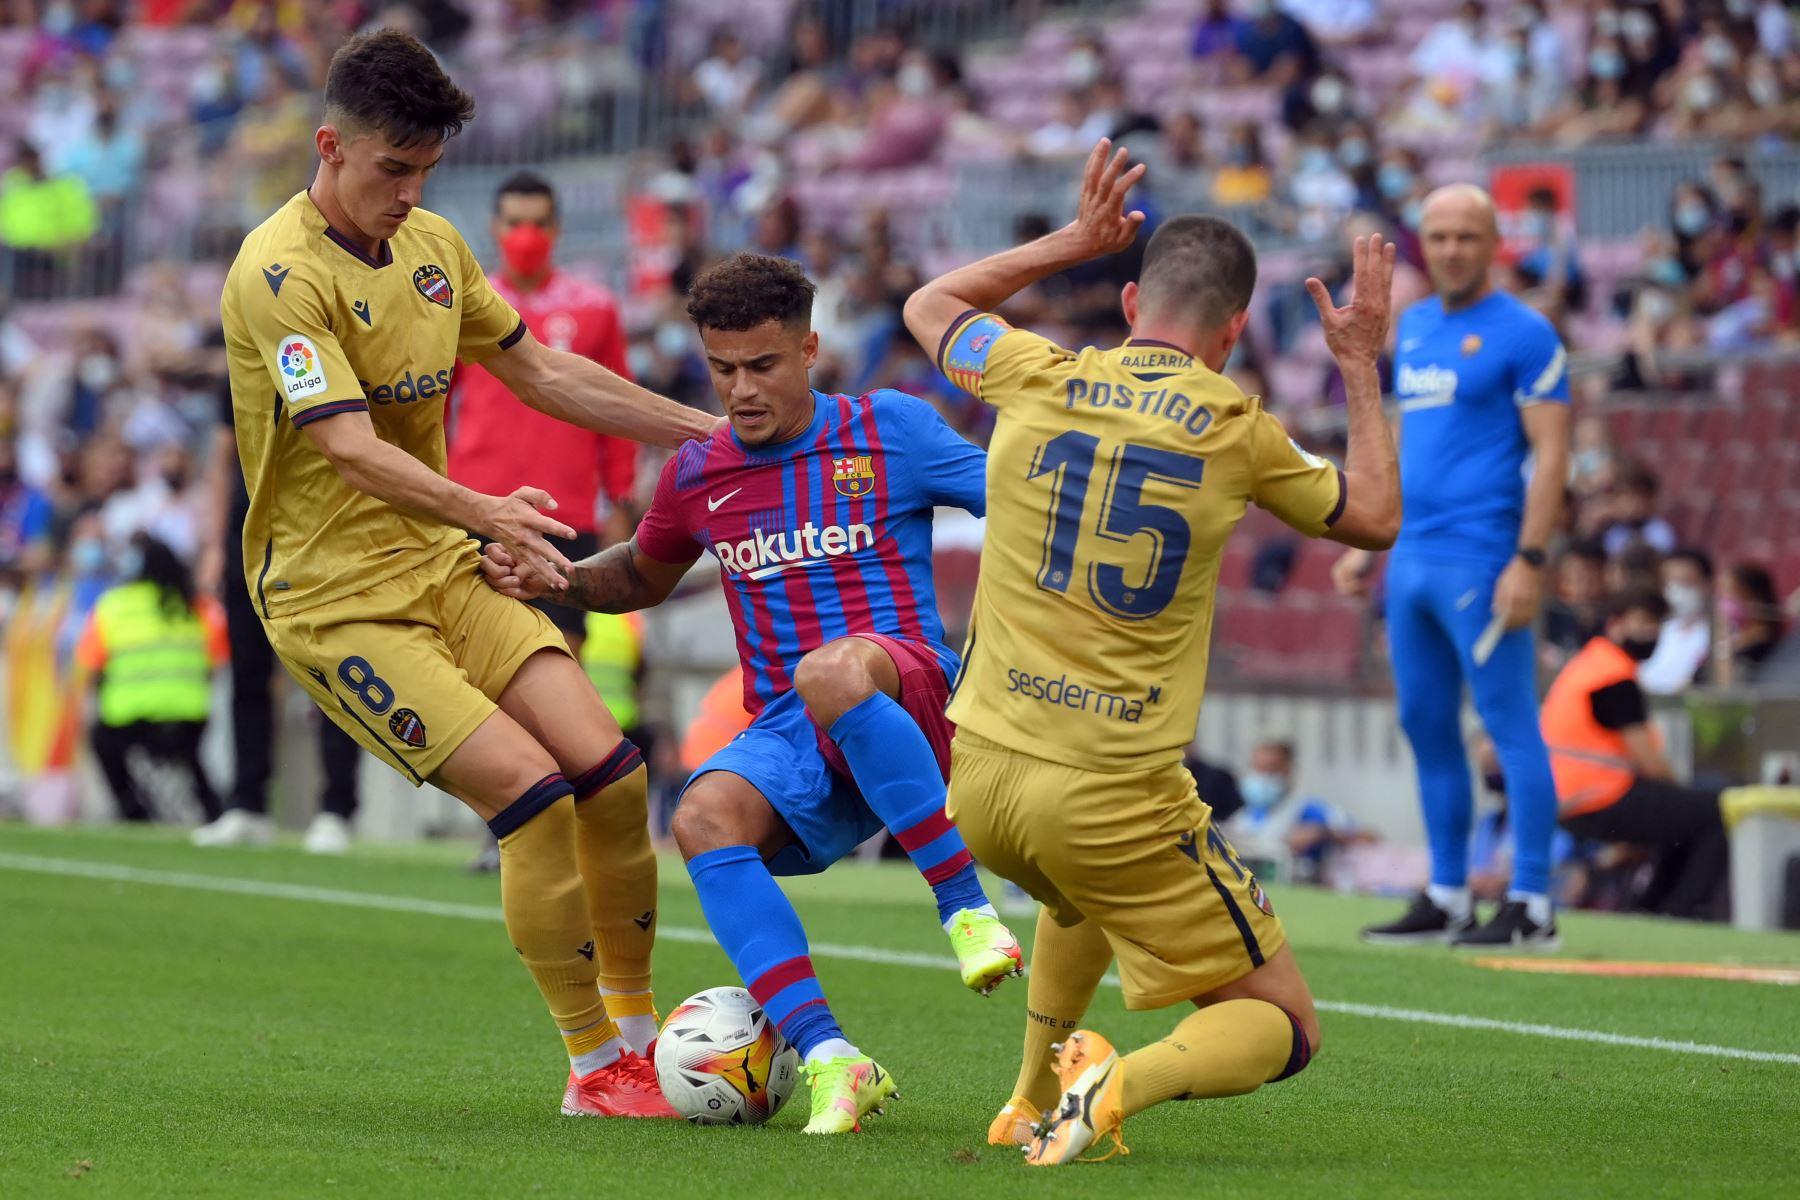 El centrocampista brasileño del Barcelona Philippe Coutinho es desafiado por el centrocampista español Pepelu y el defensa Sergio Postigo del Levante durante el partido de la Liga española. Foto: AFP